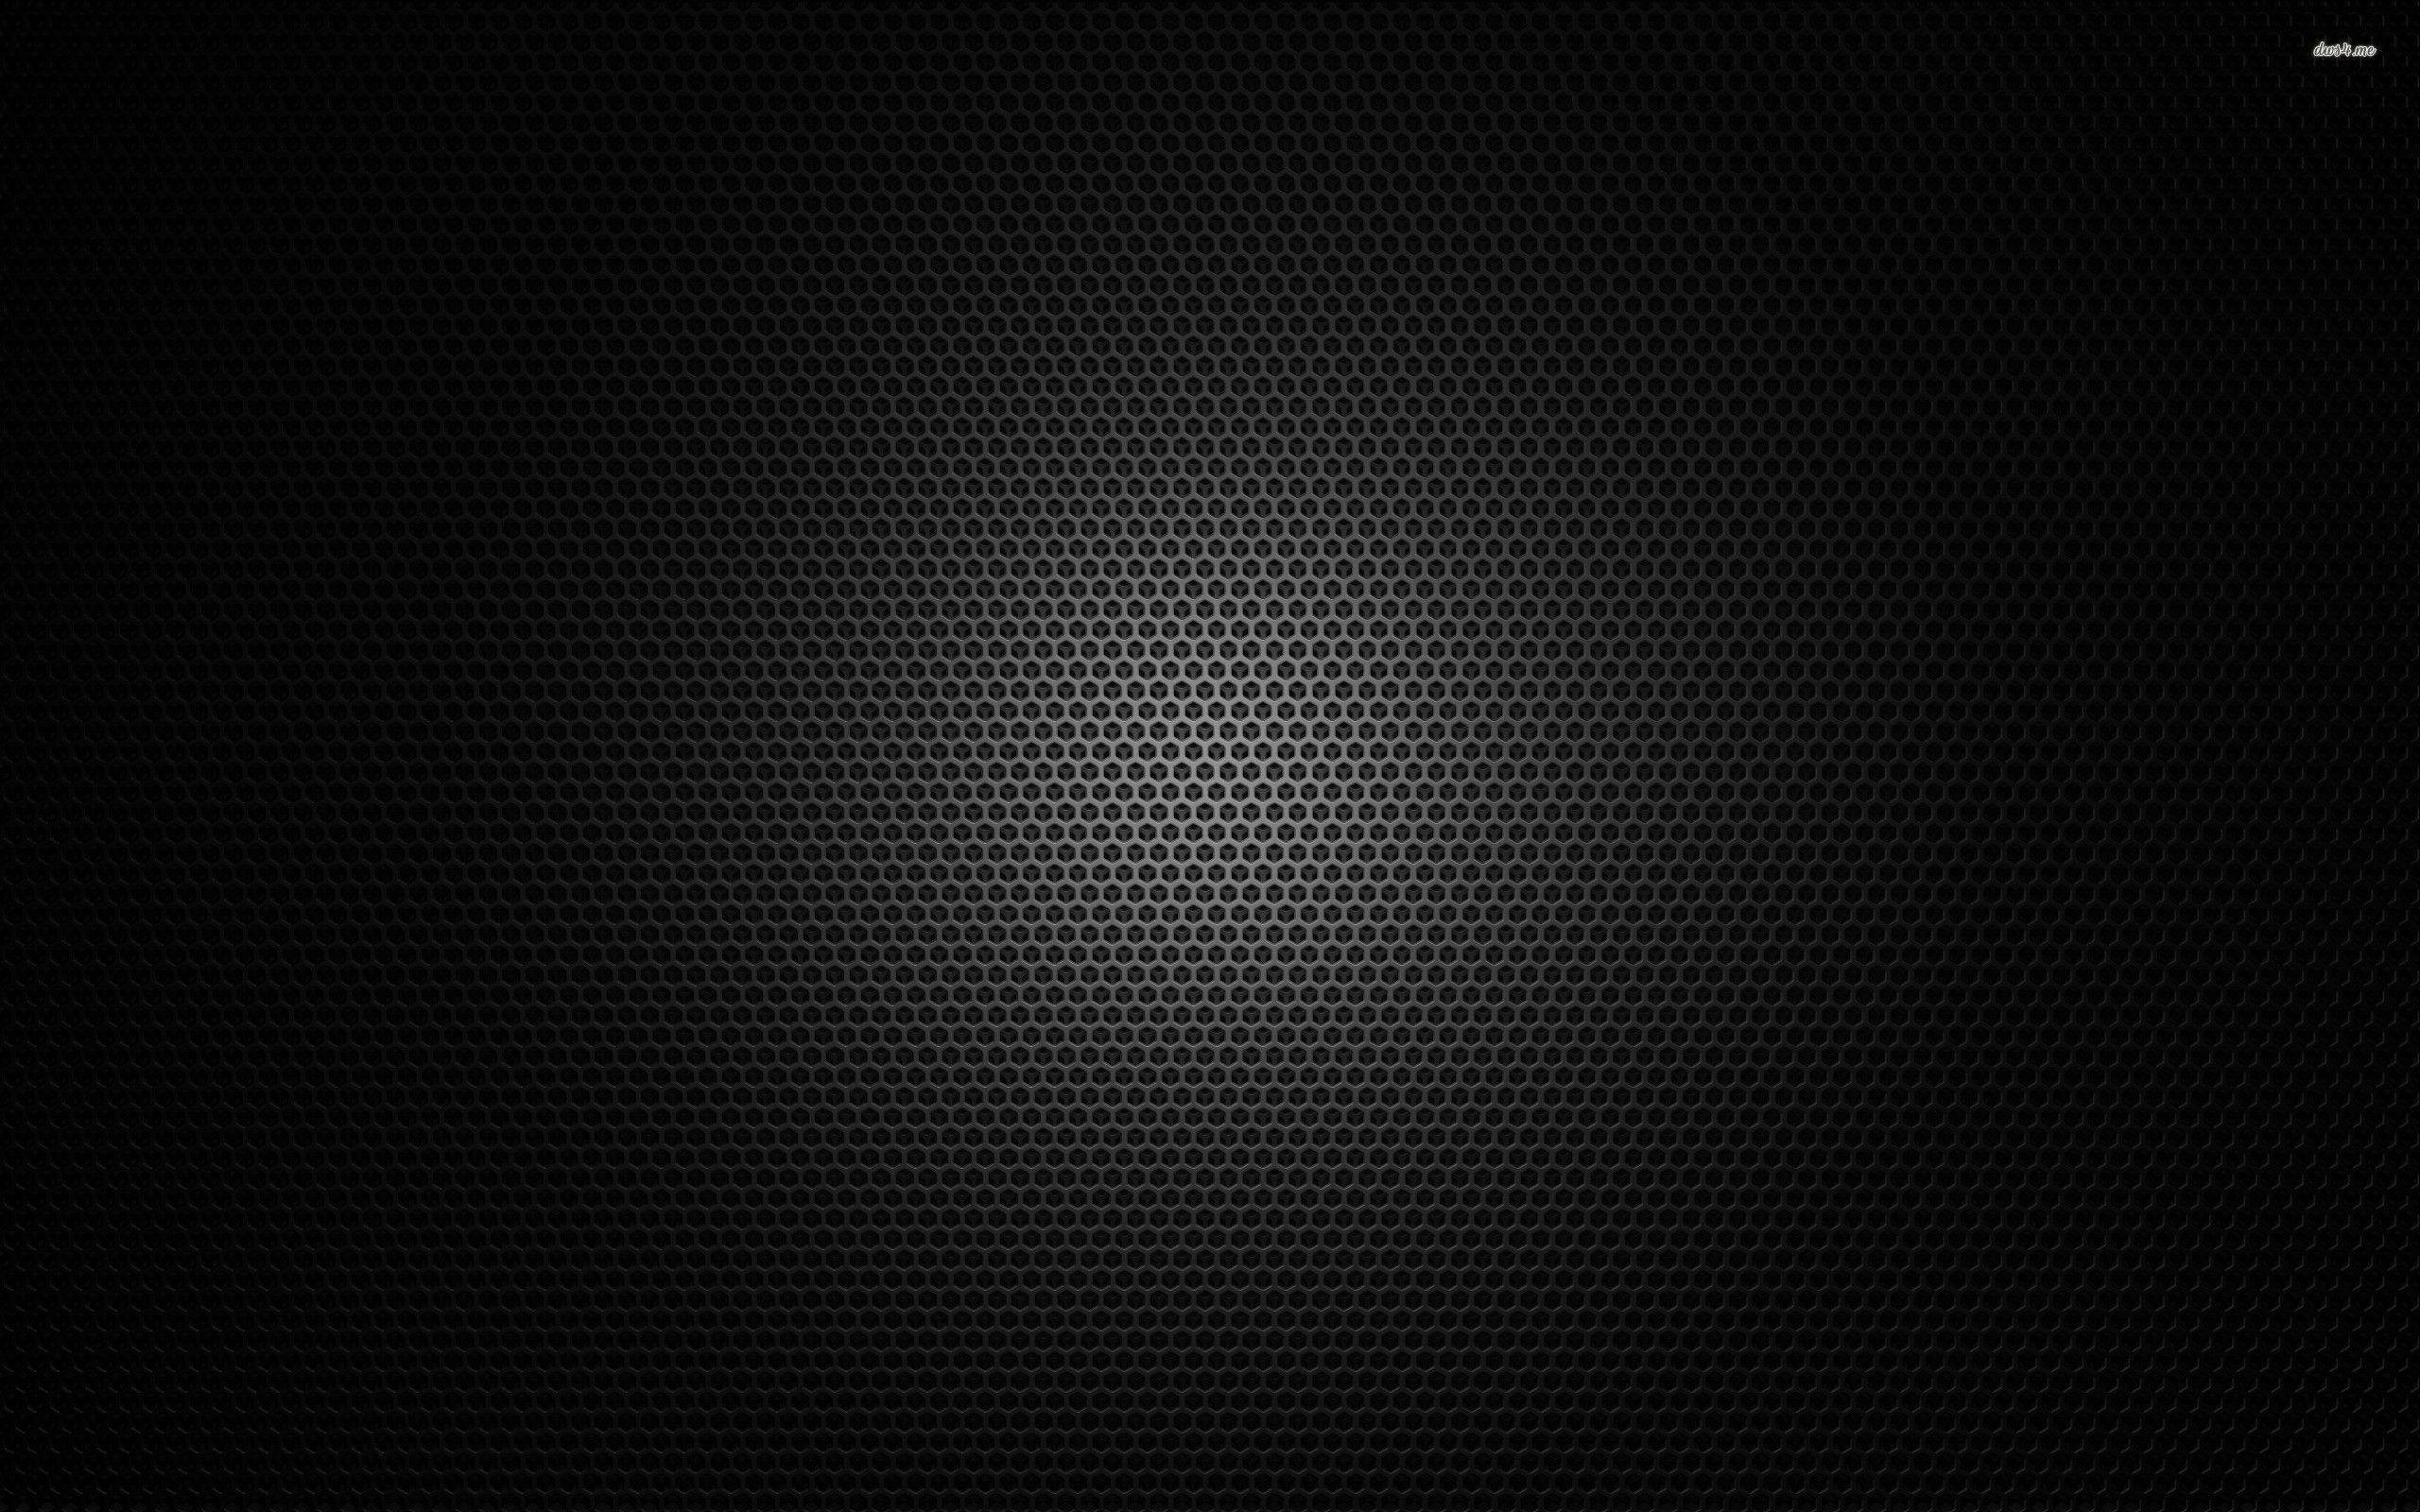 9b340c0dec Carbon Fibre Wallpaper - WallpaperSafari